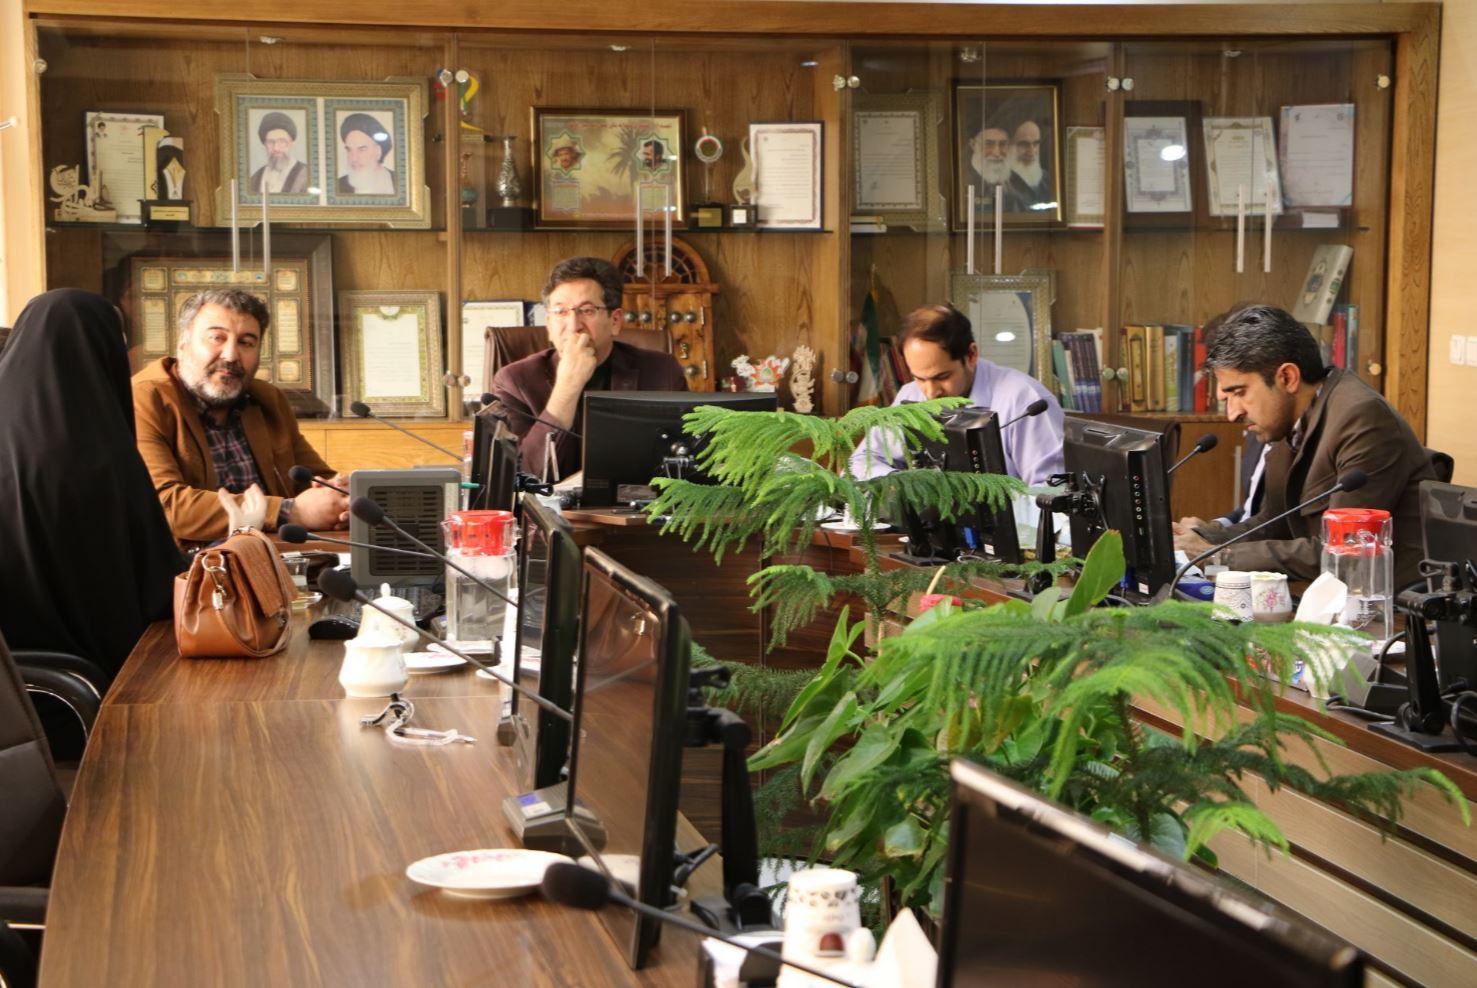 دیدار بسیج جامعه پزشکی با درمان تامین اجتماعی اصفهان (1)